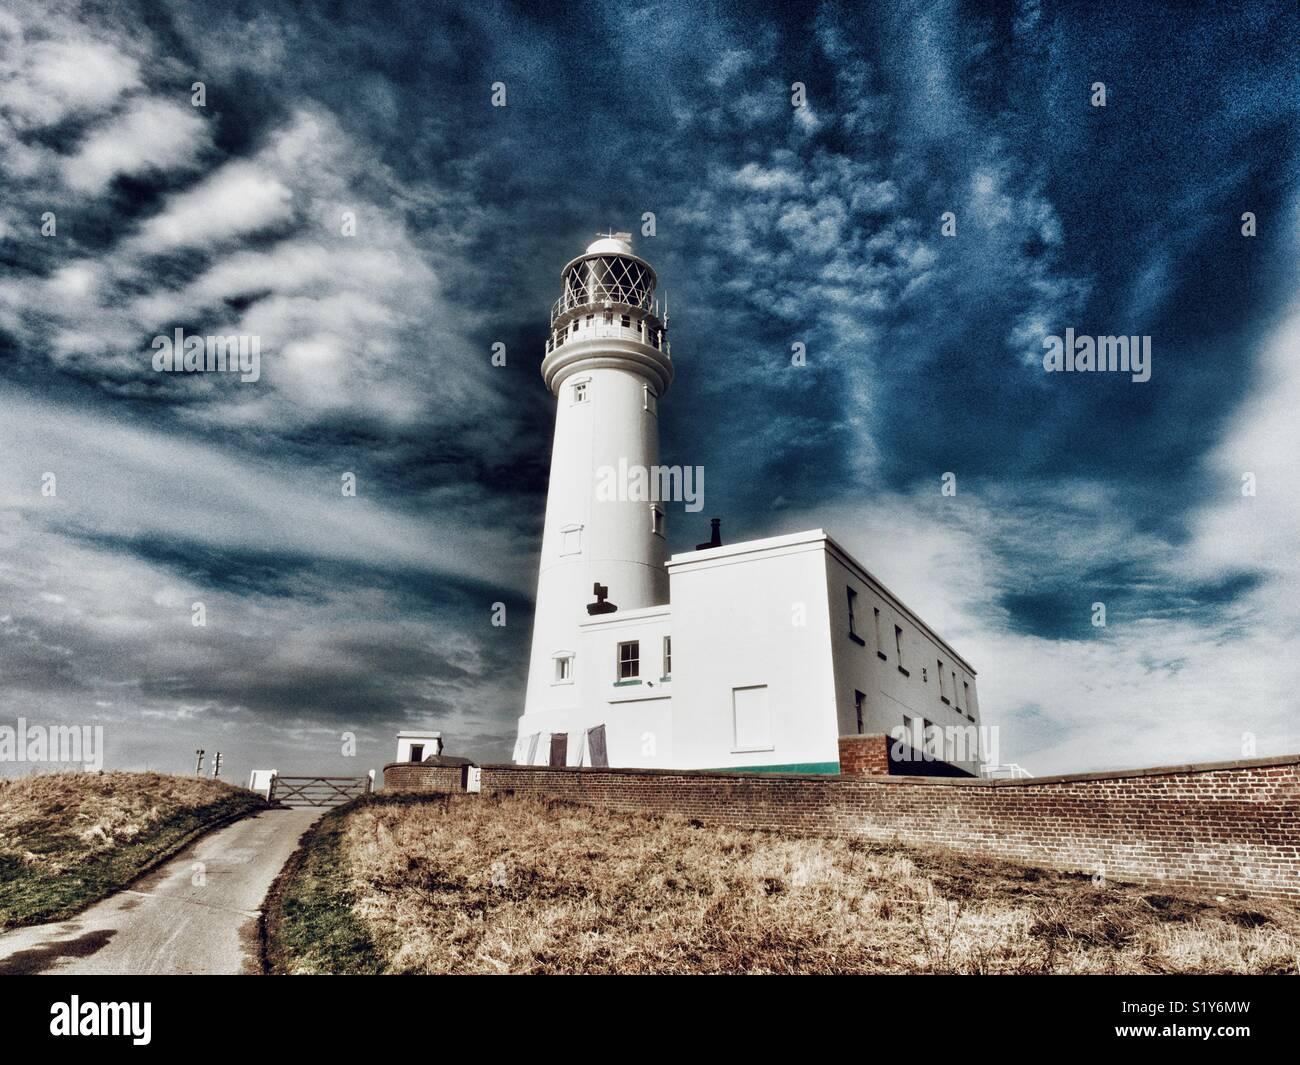 Flamborough Head lighthouse, East Yorkshire, England, UK Stock Photo